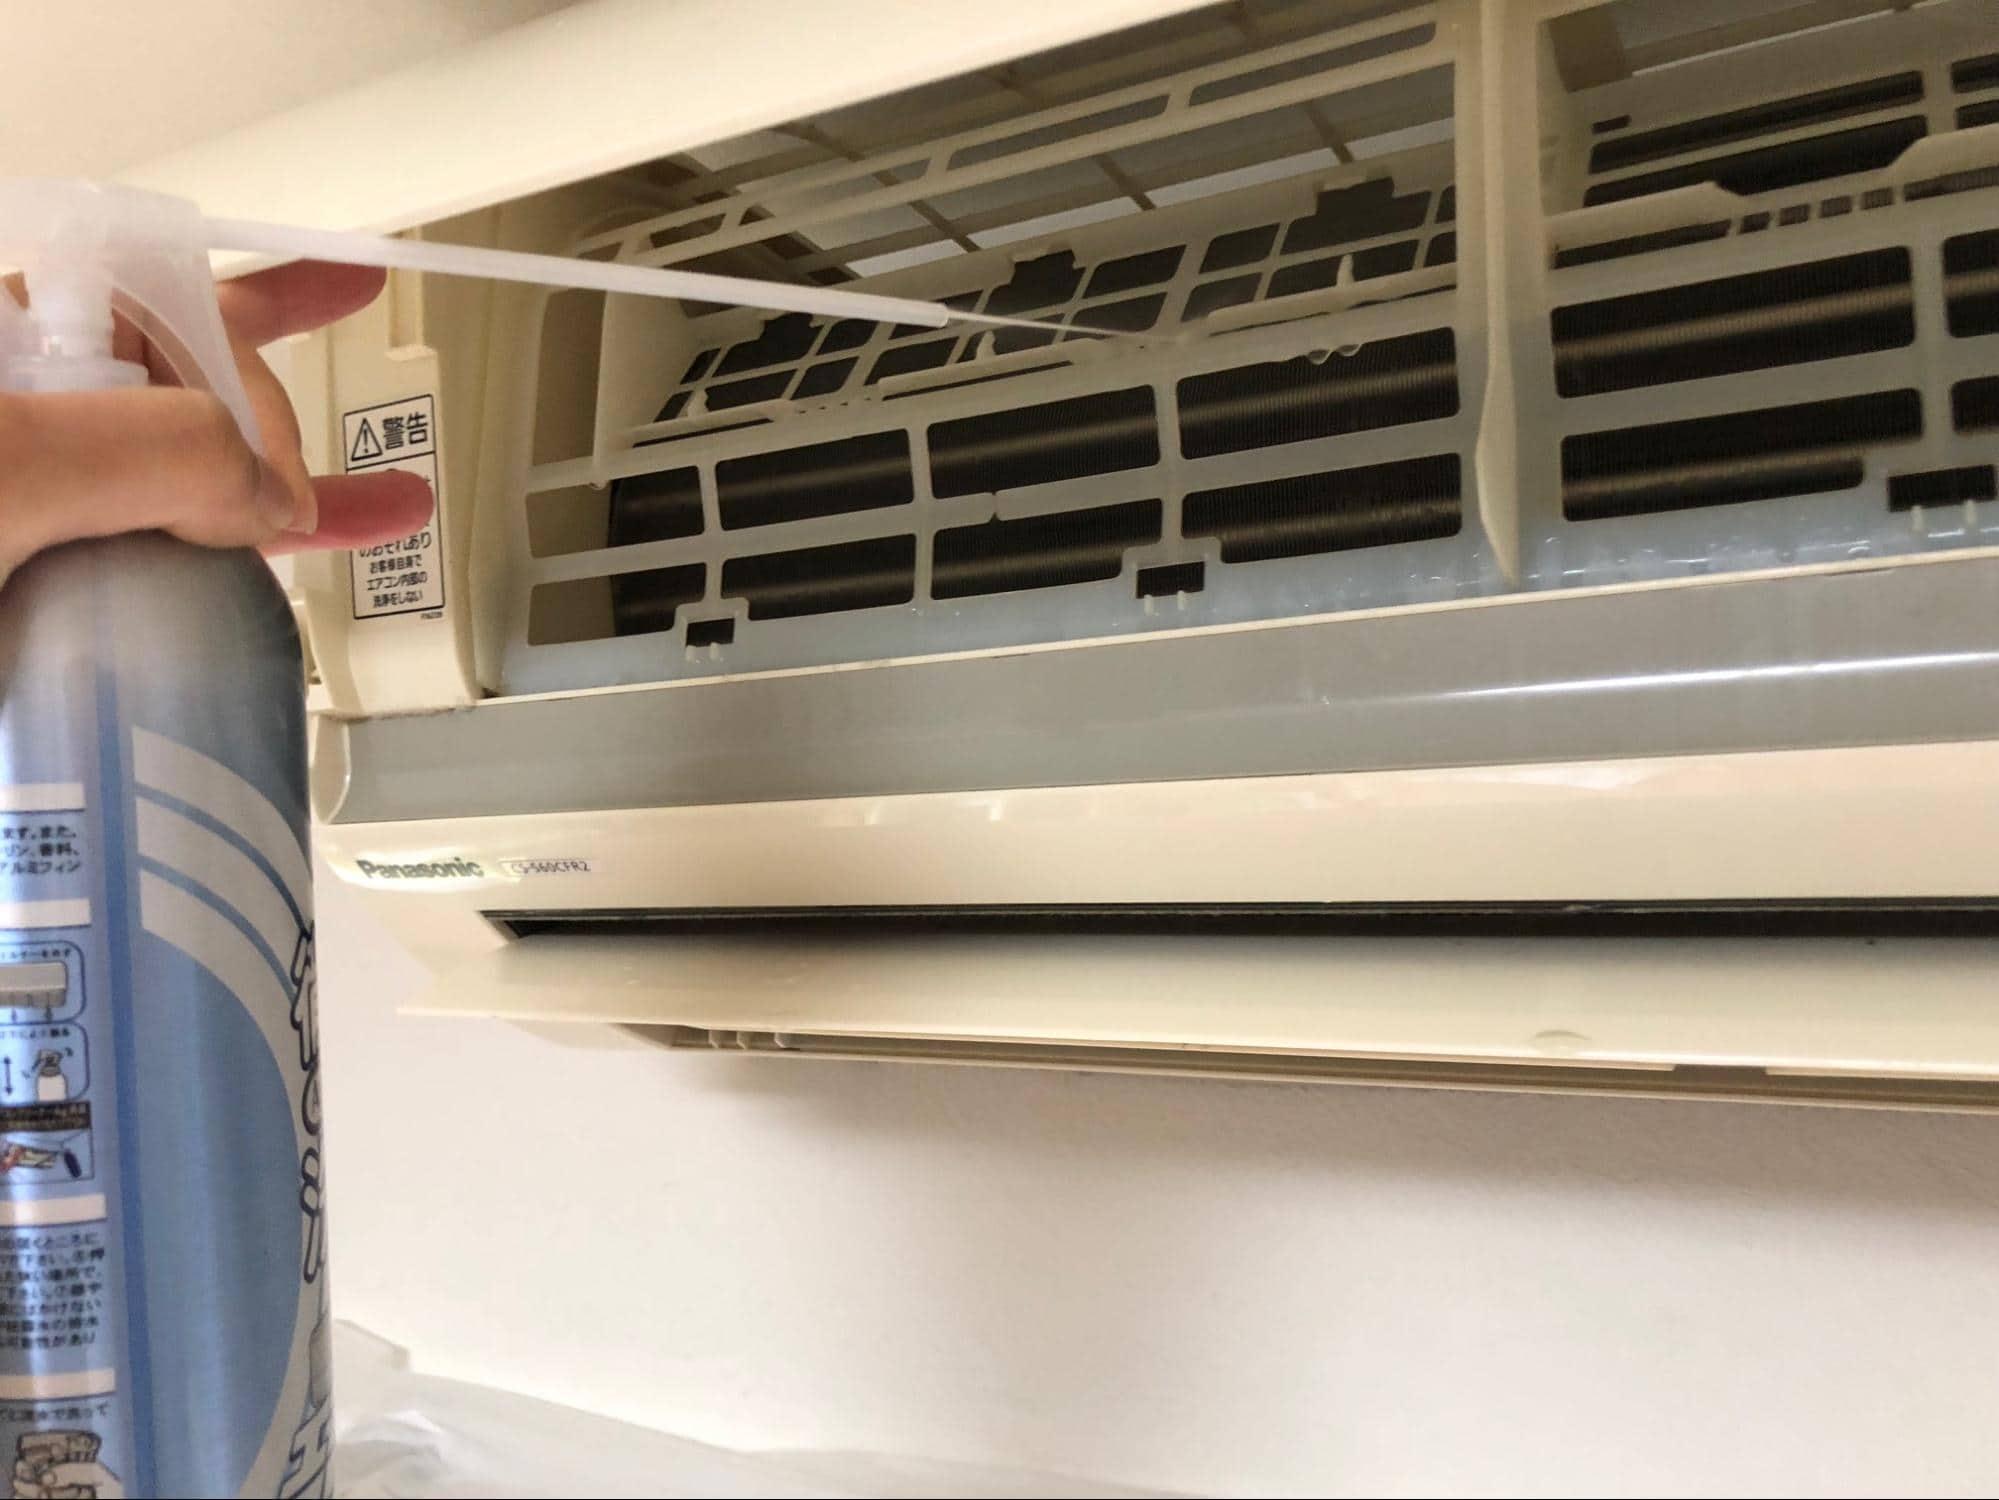 エアコン クリーナー ag 消臭 プラス 口コミ